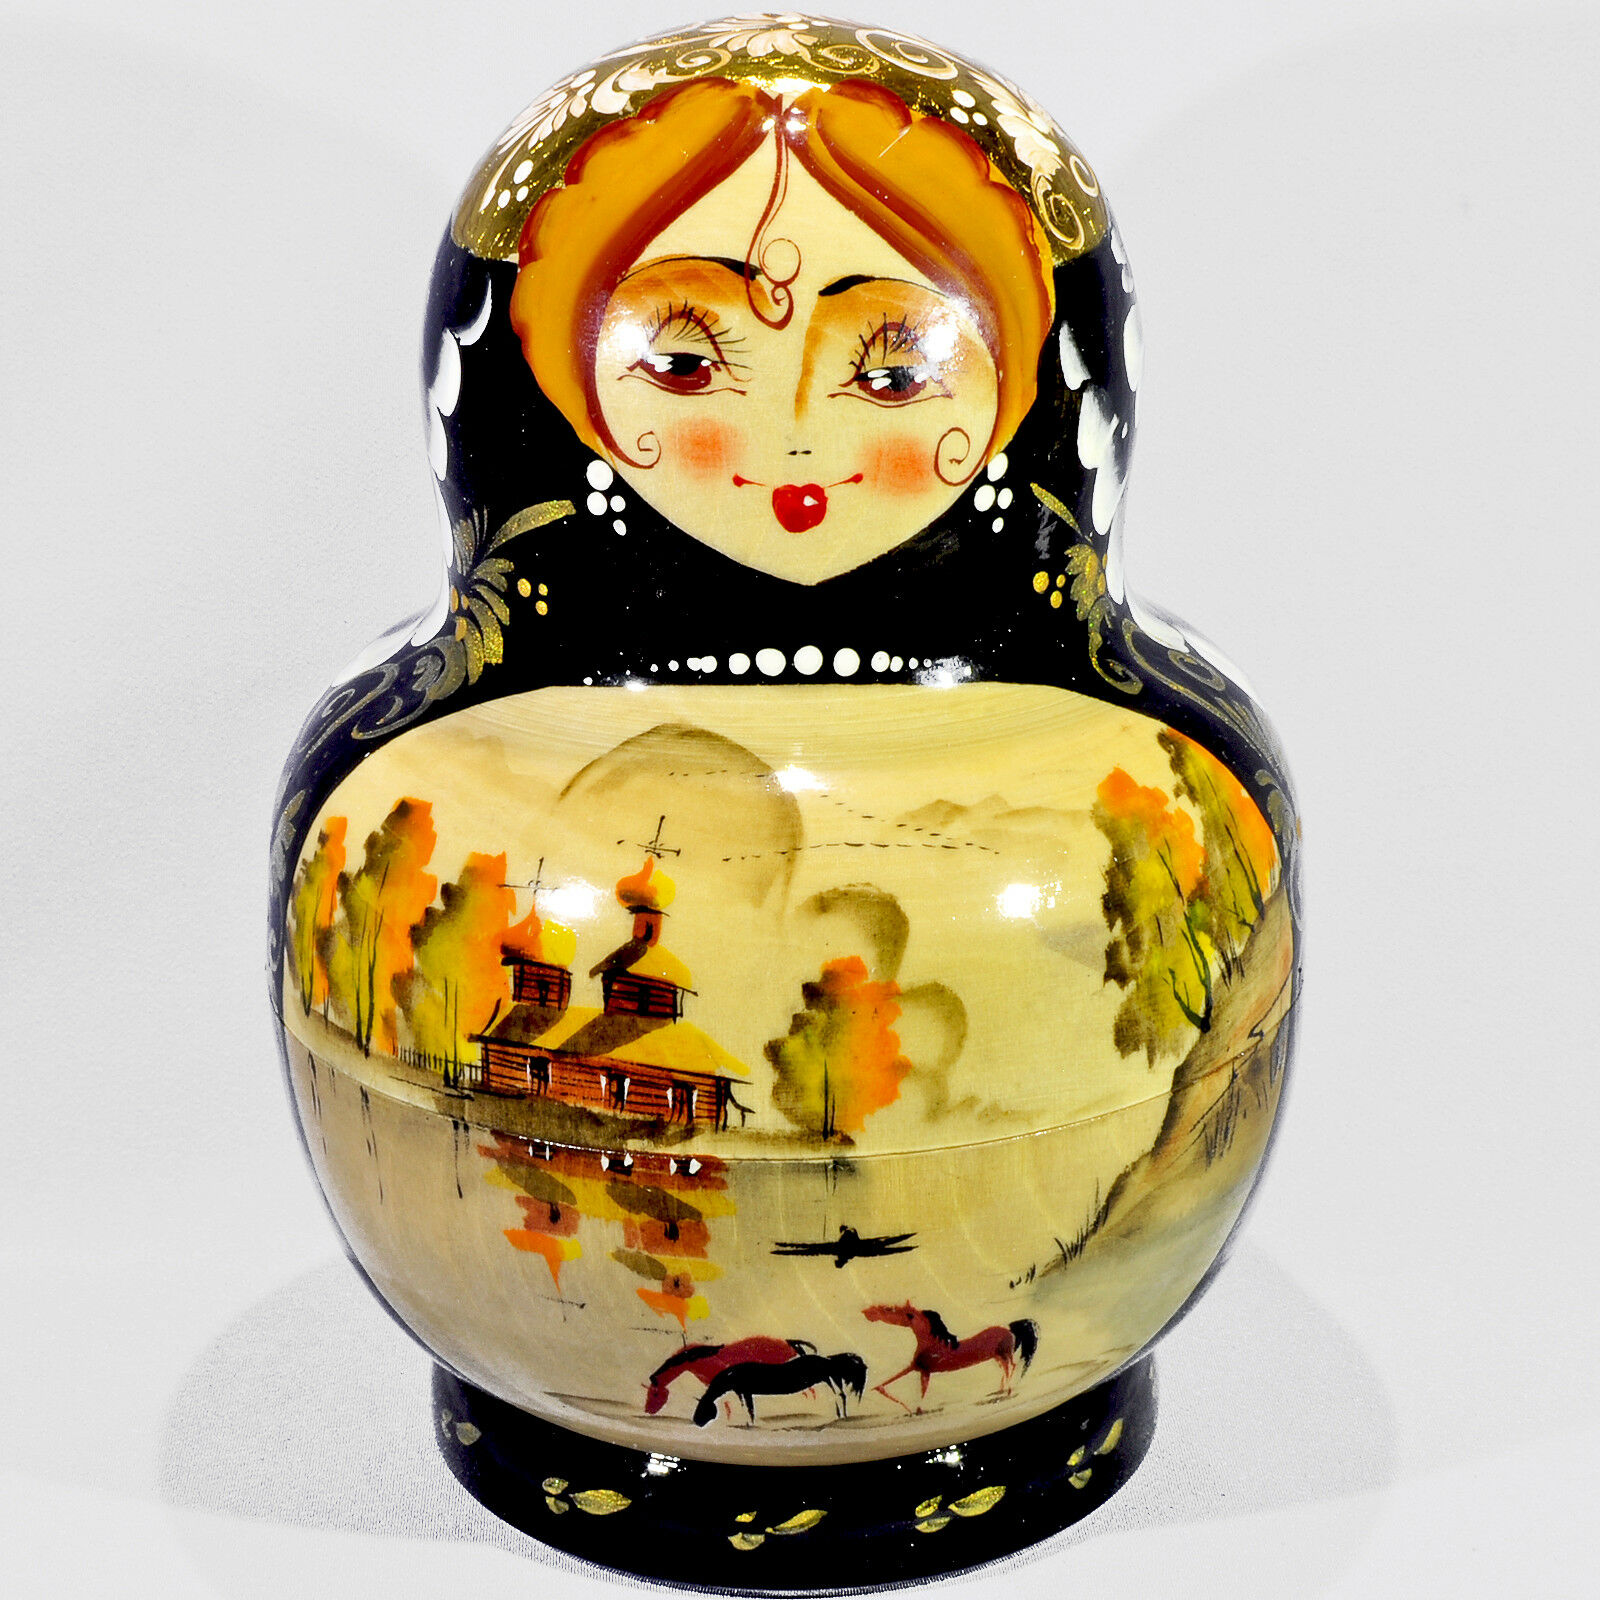 10 Teile Set Authentische Russische Puppen mit Miniaturen 10PCS